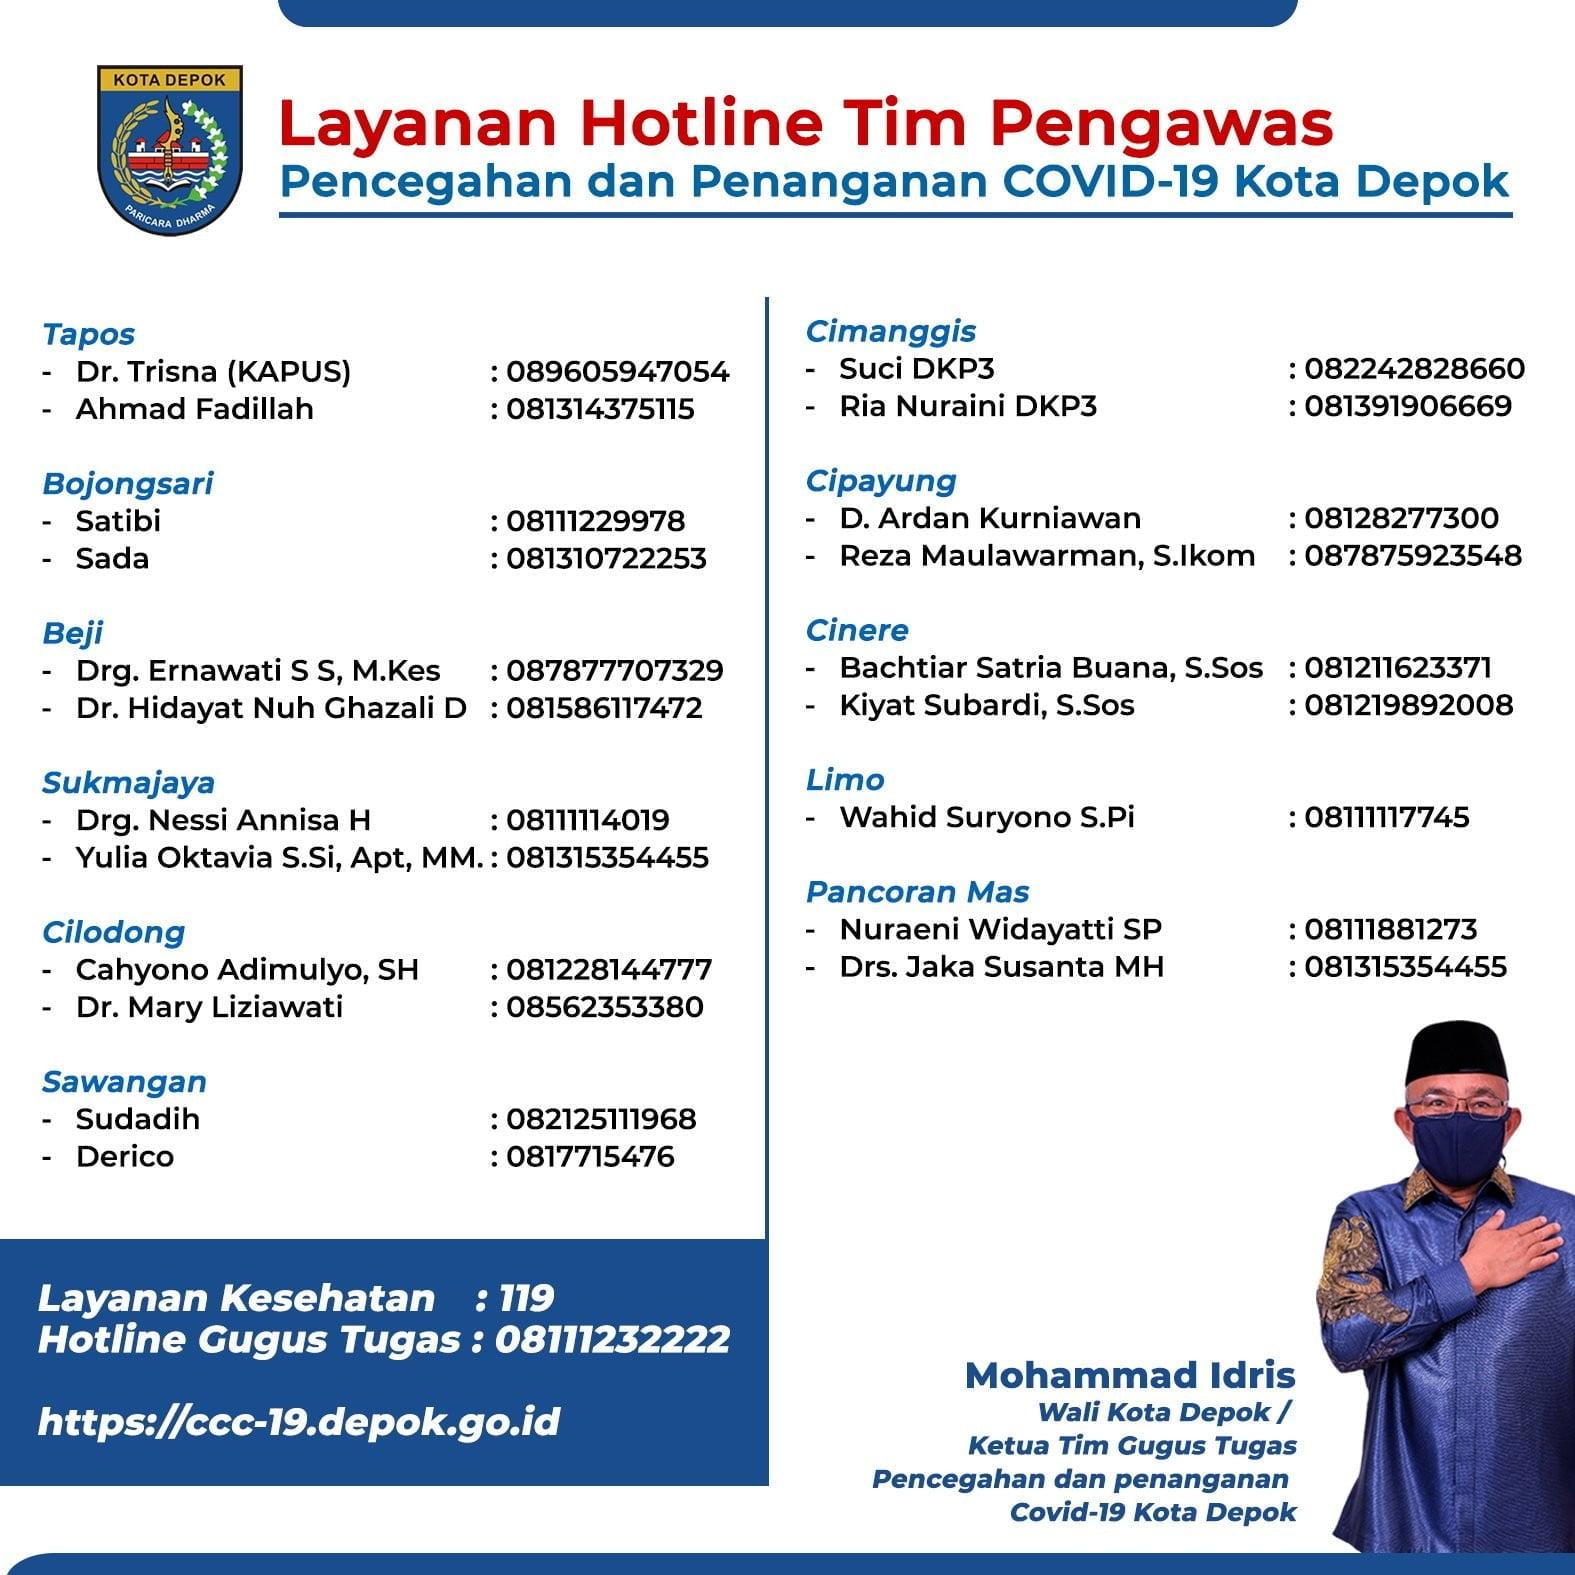 Layanan Hotline Tim Pengawas COVID-19 Kota Depok